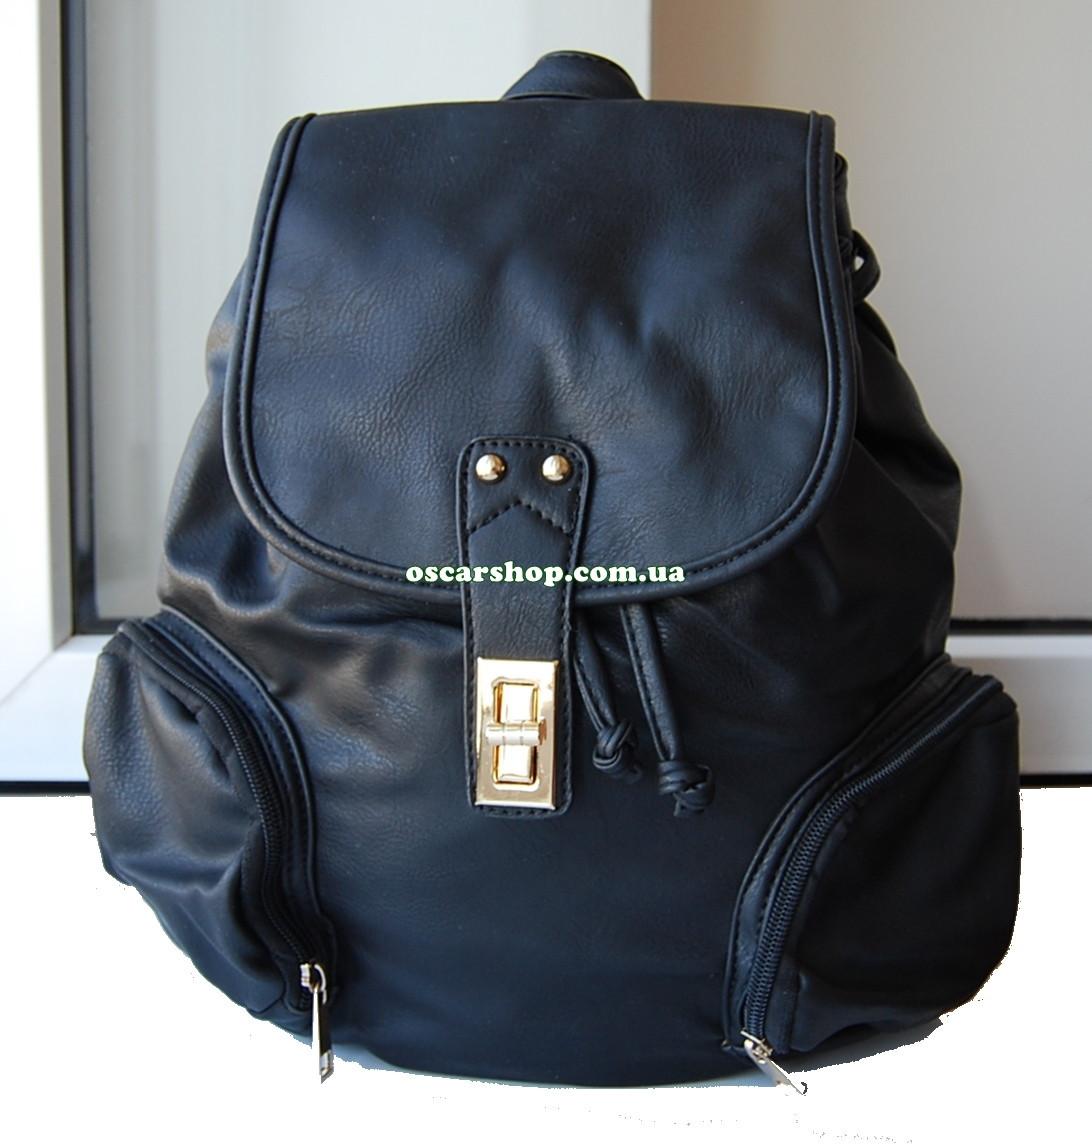 e7d346bd38ca Кожаная женская сумка. Женский мини рюкзак. СР300-1 - интернет-магазин